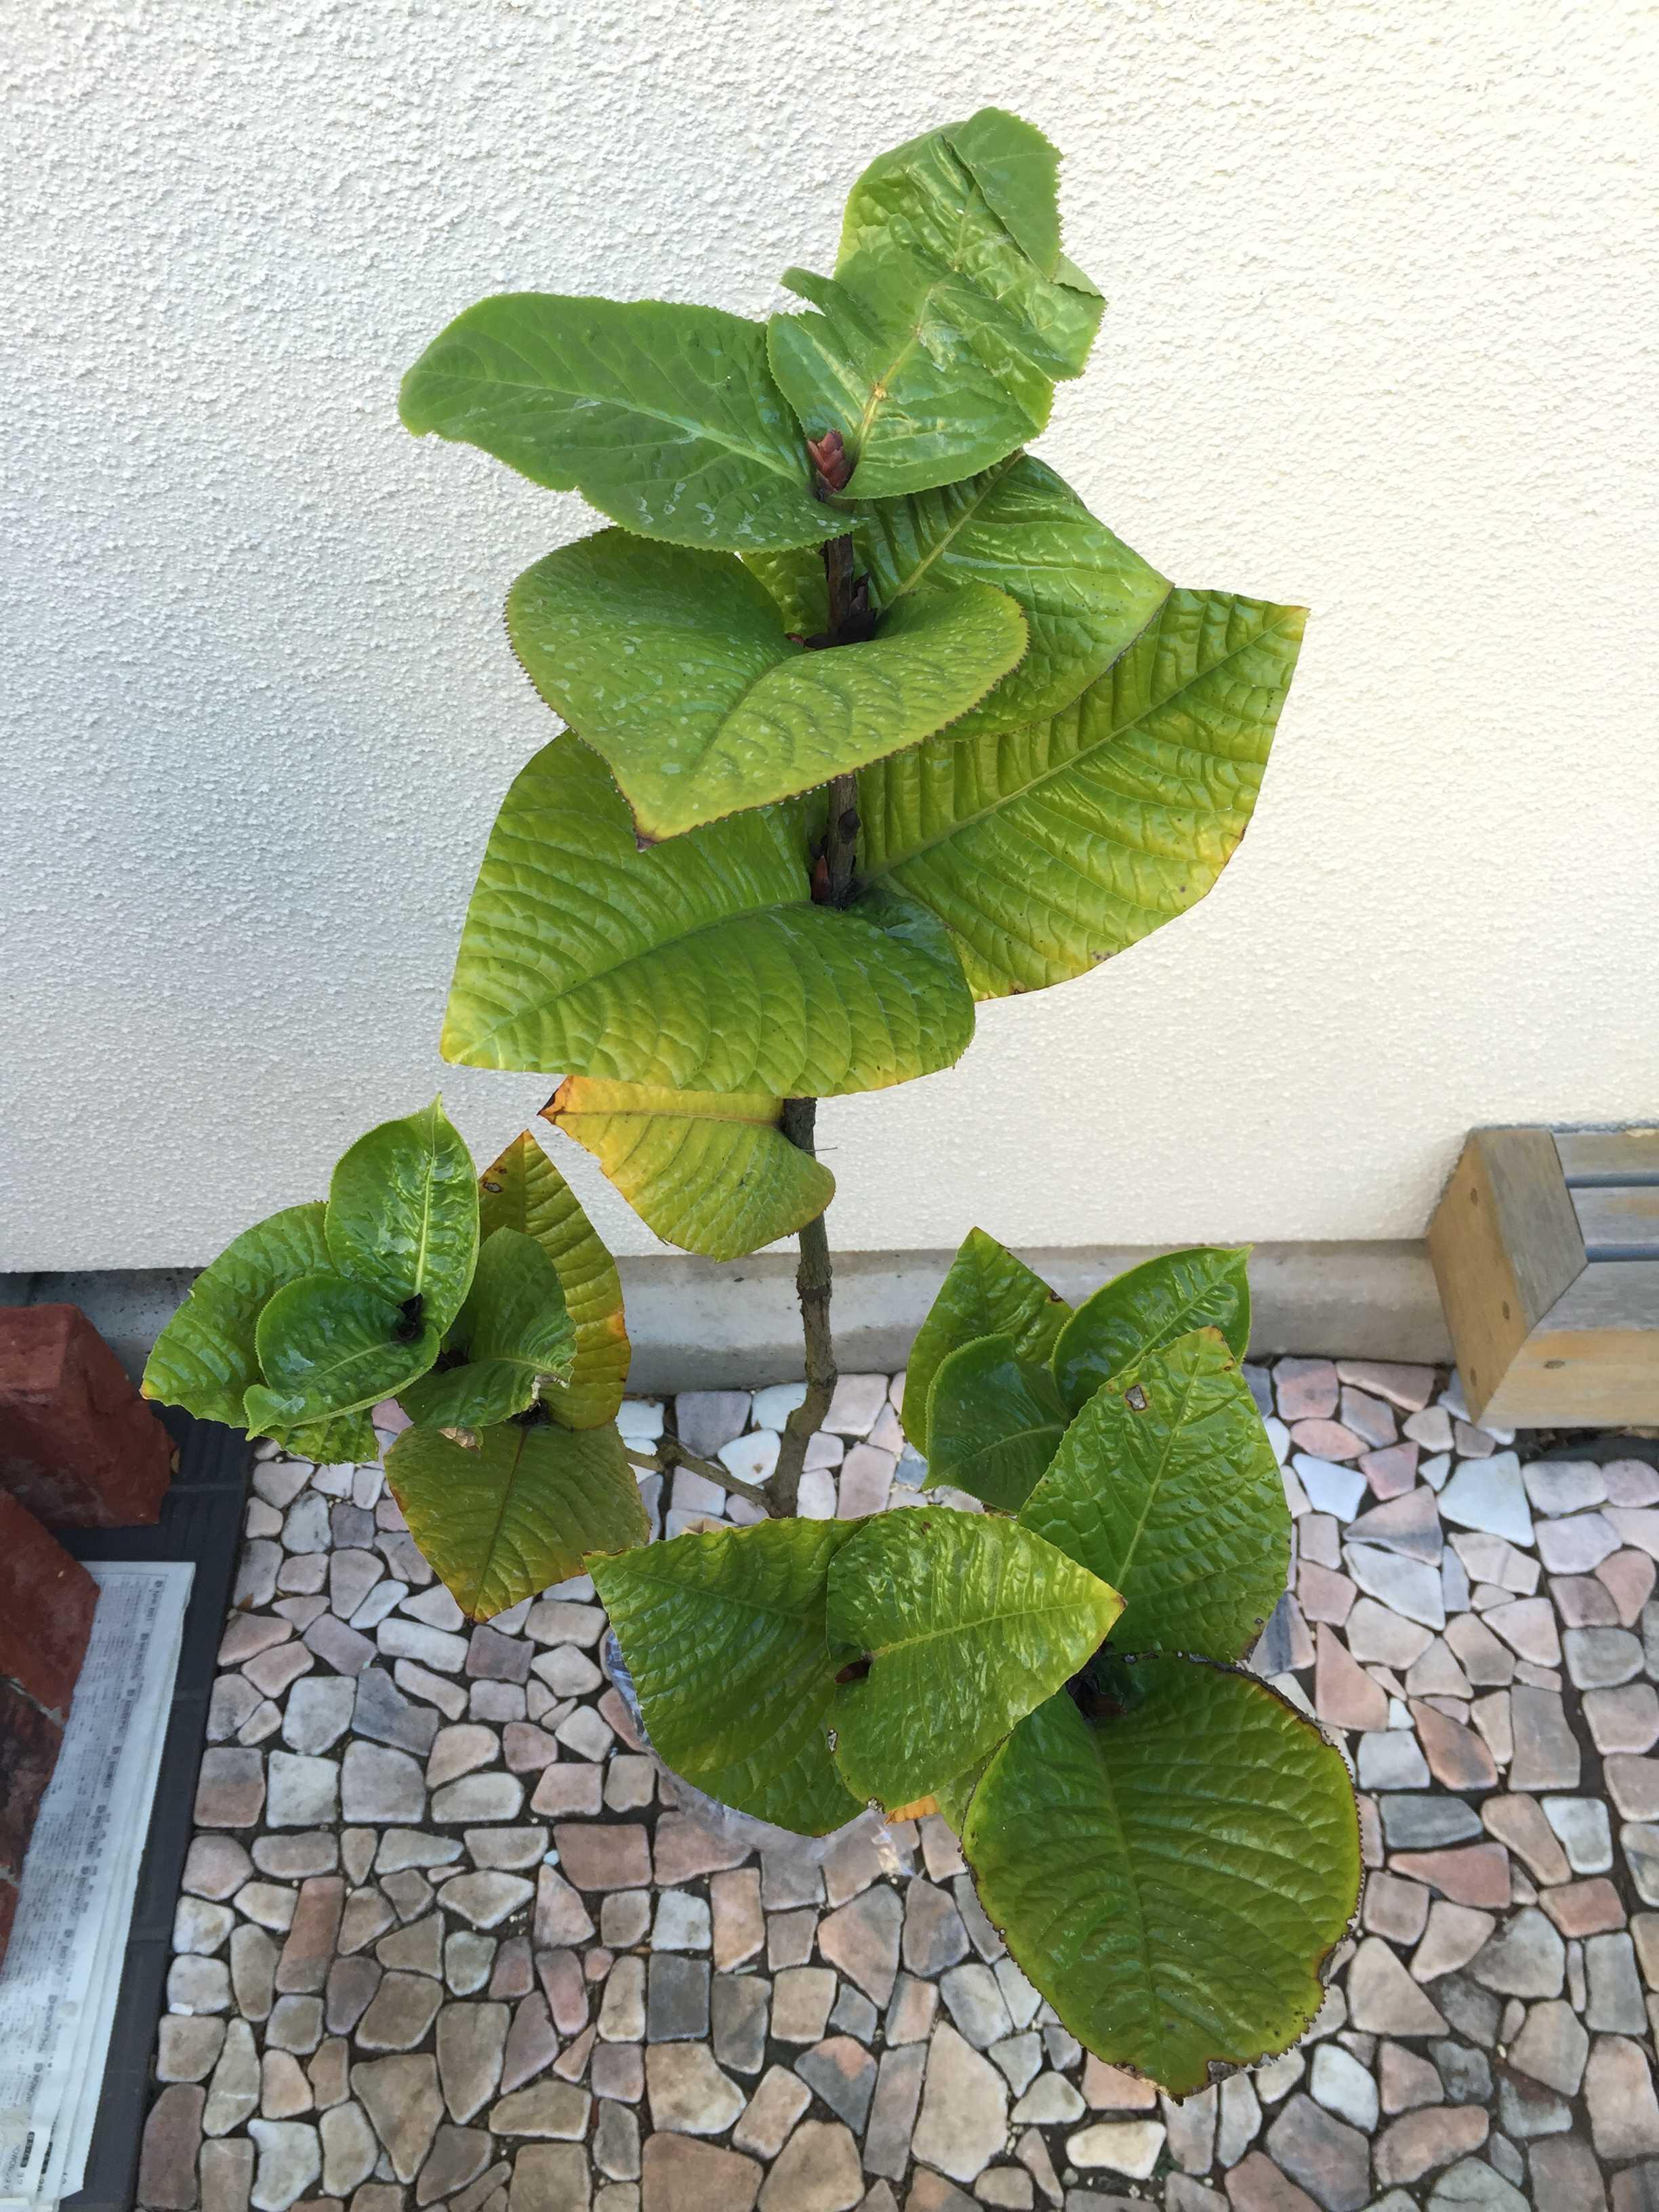 ベトナム原産の黄花椿「ムラウチィ」